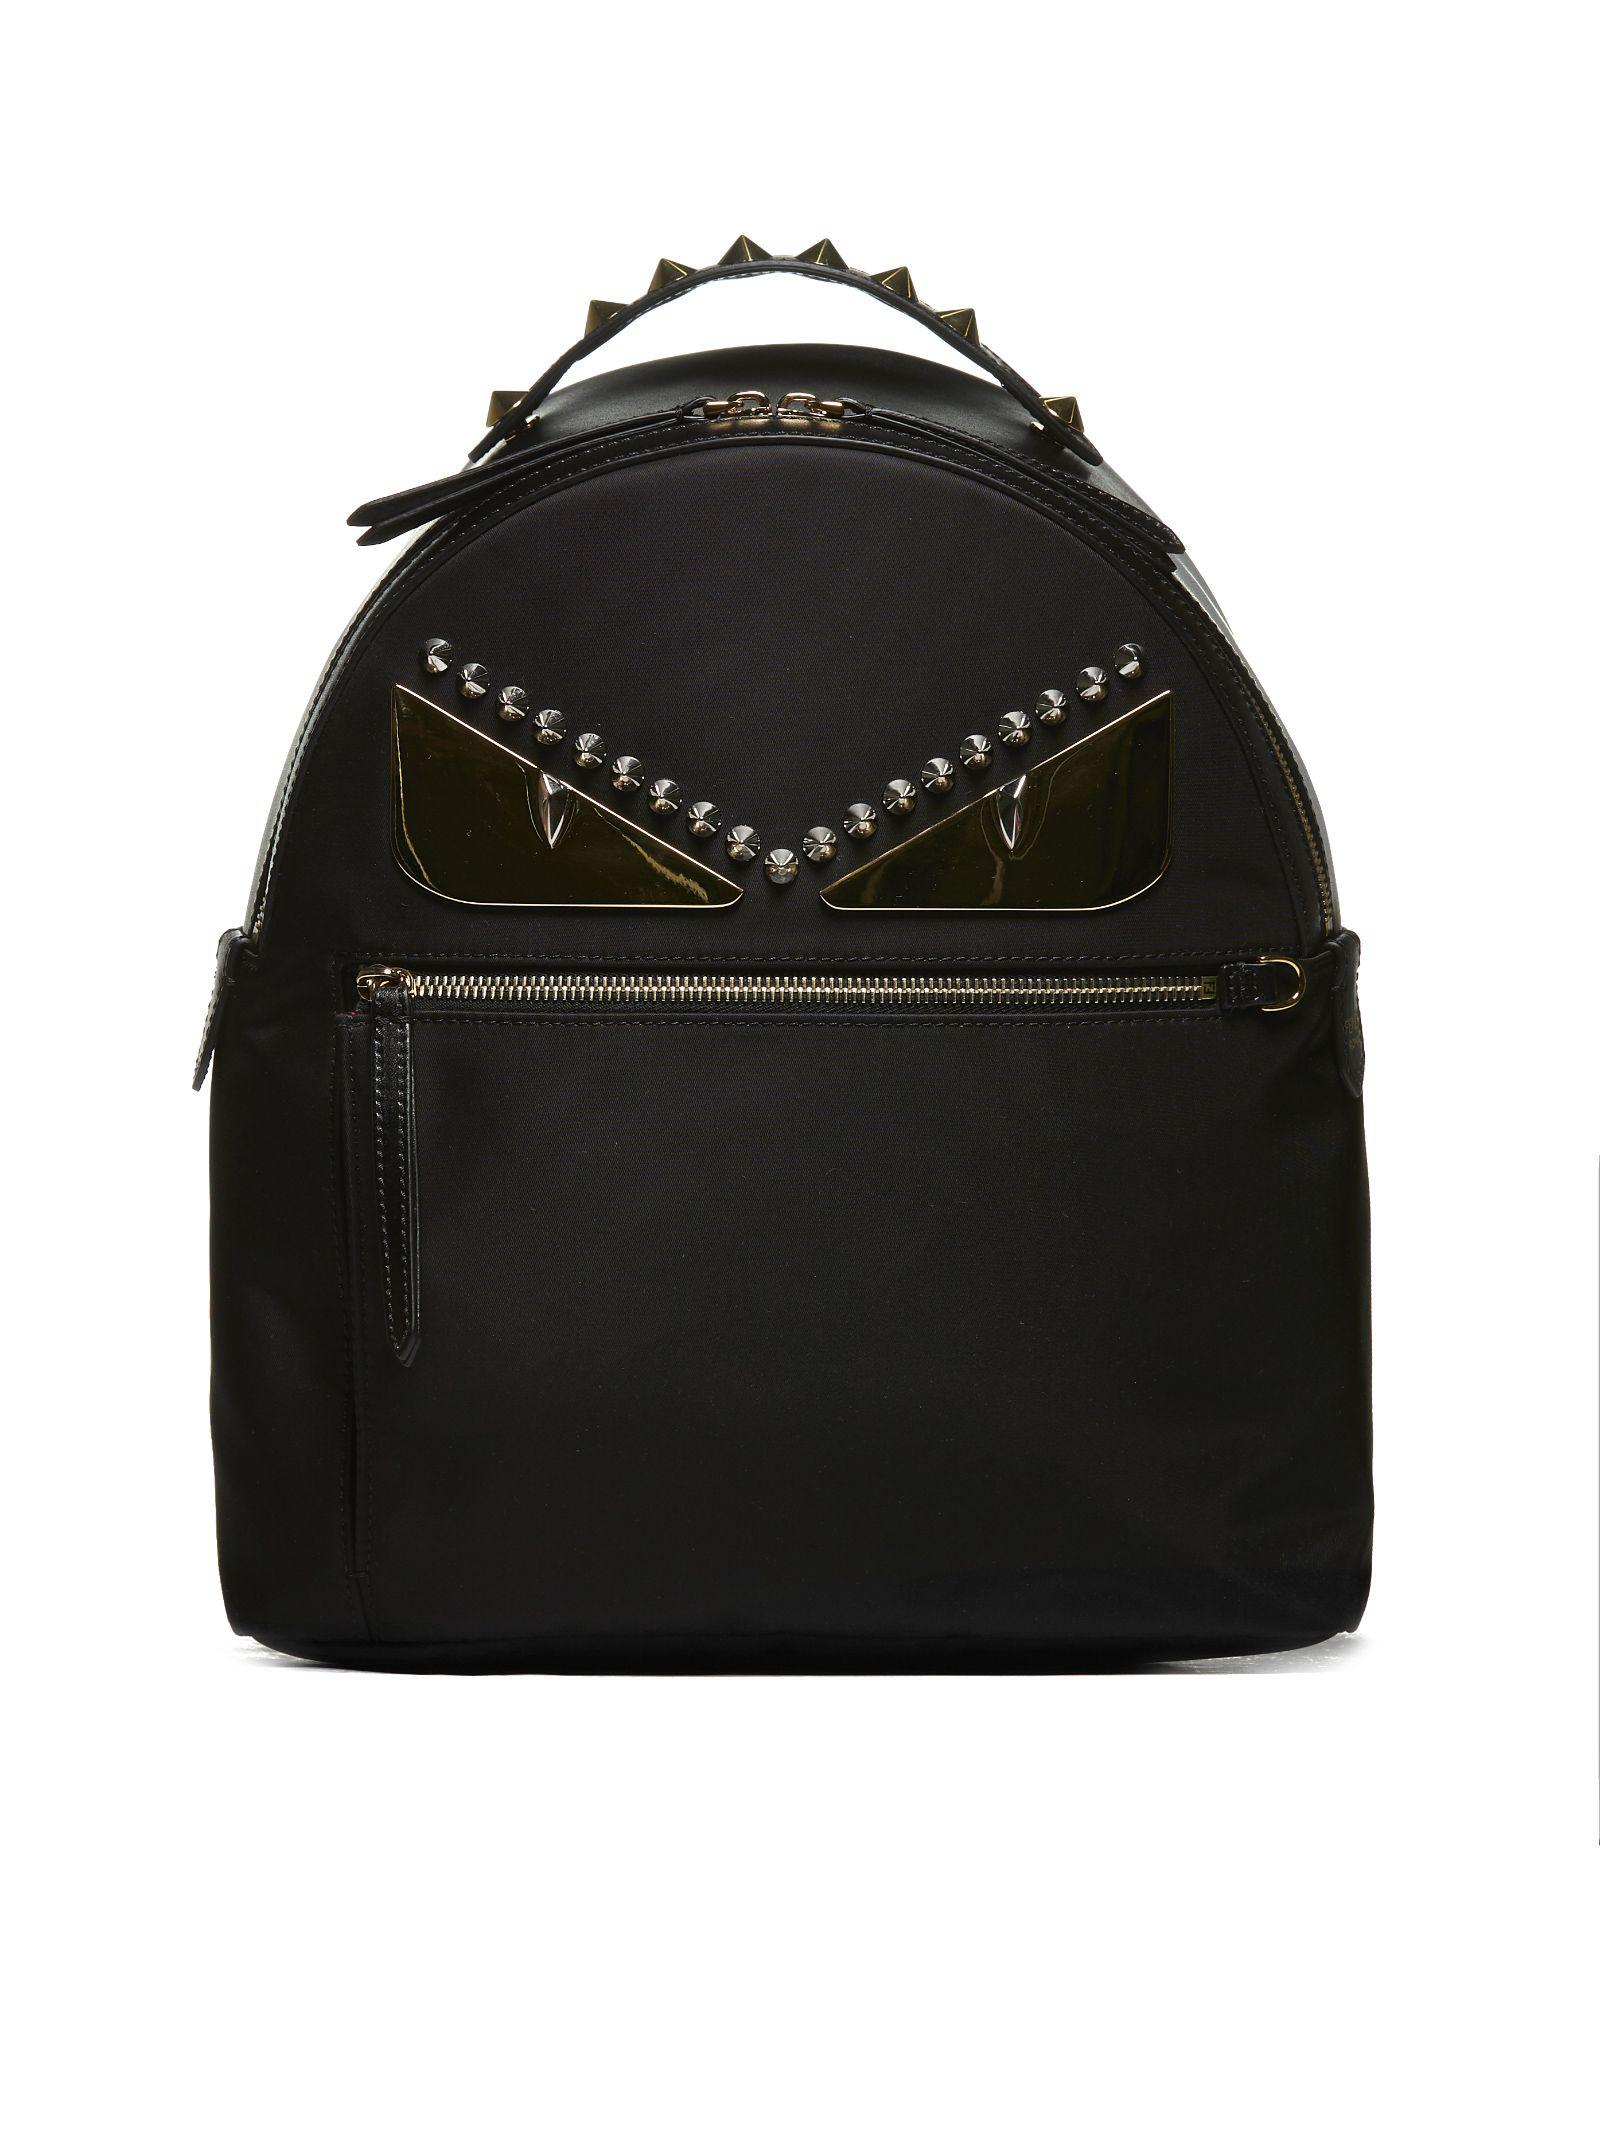 Fendi Bag Bugs Backpack In Nero Oro  209e1752b06ee